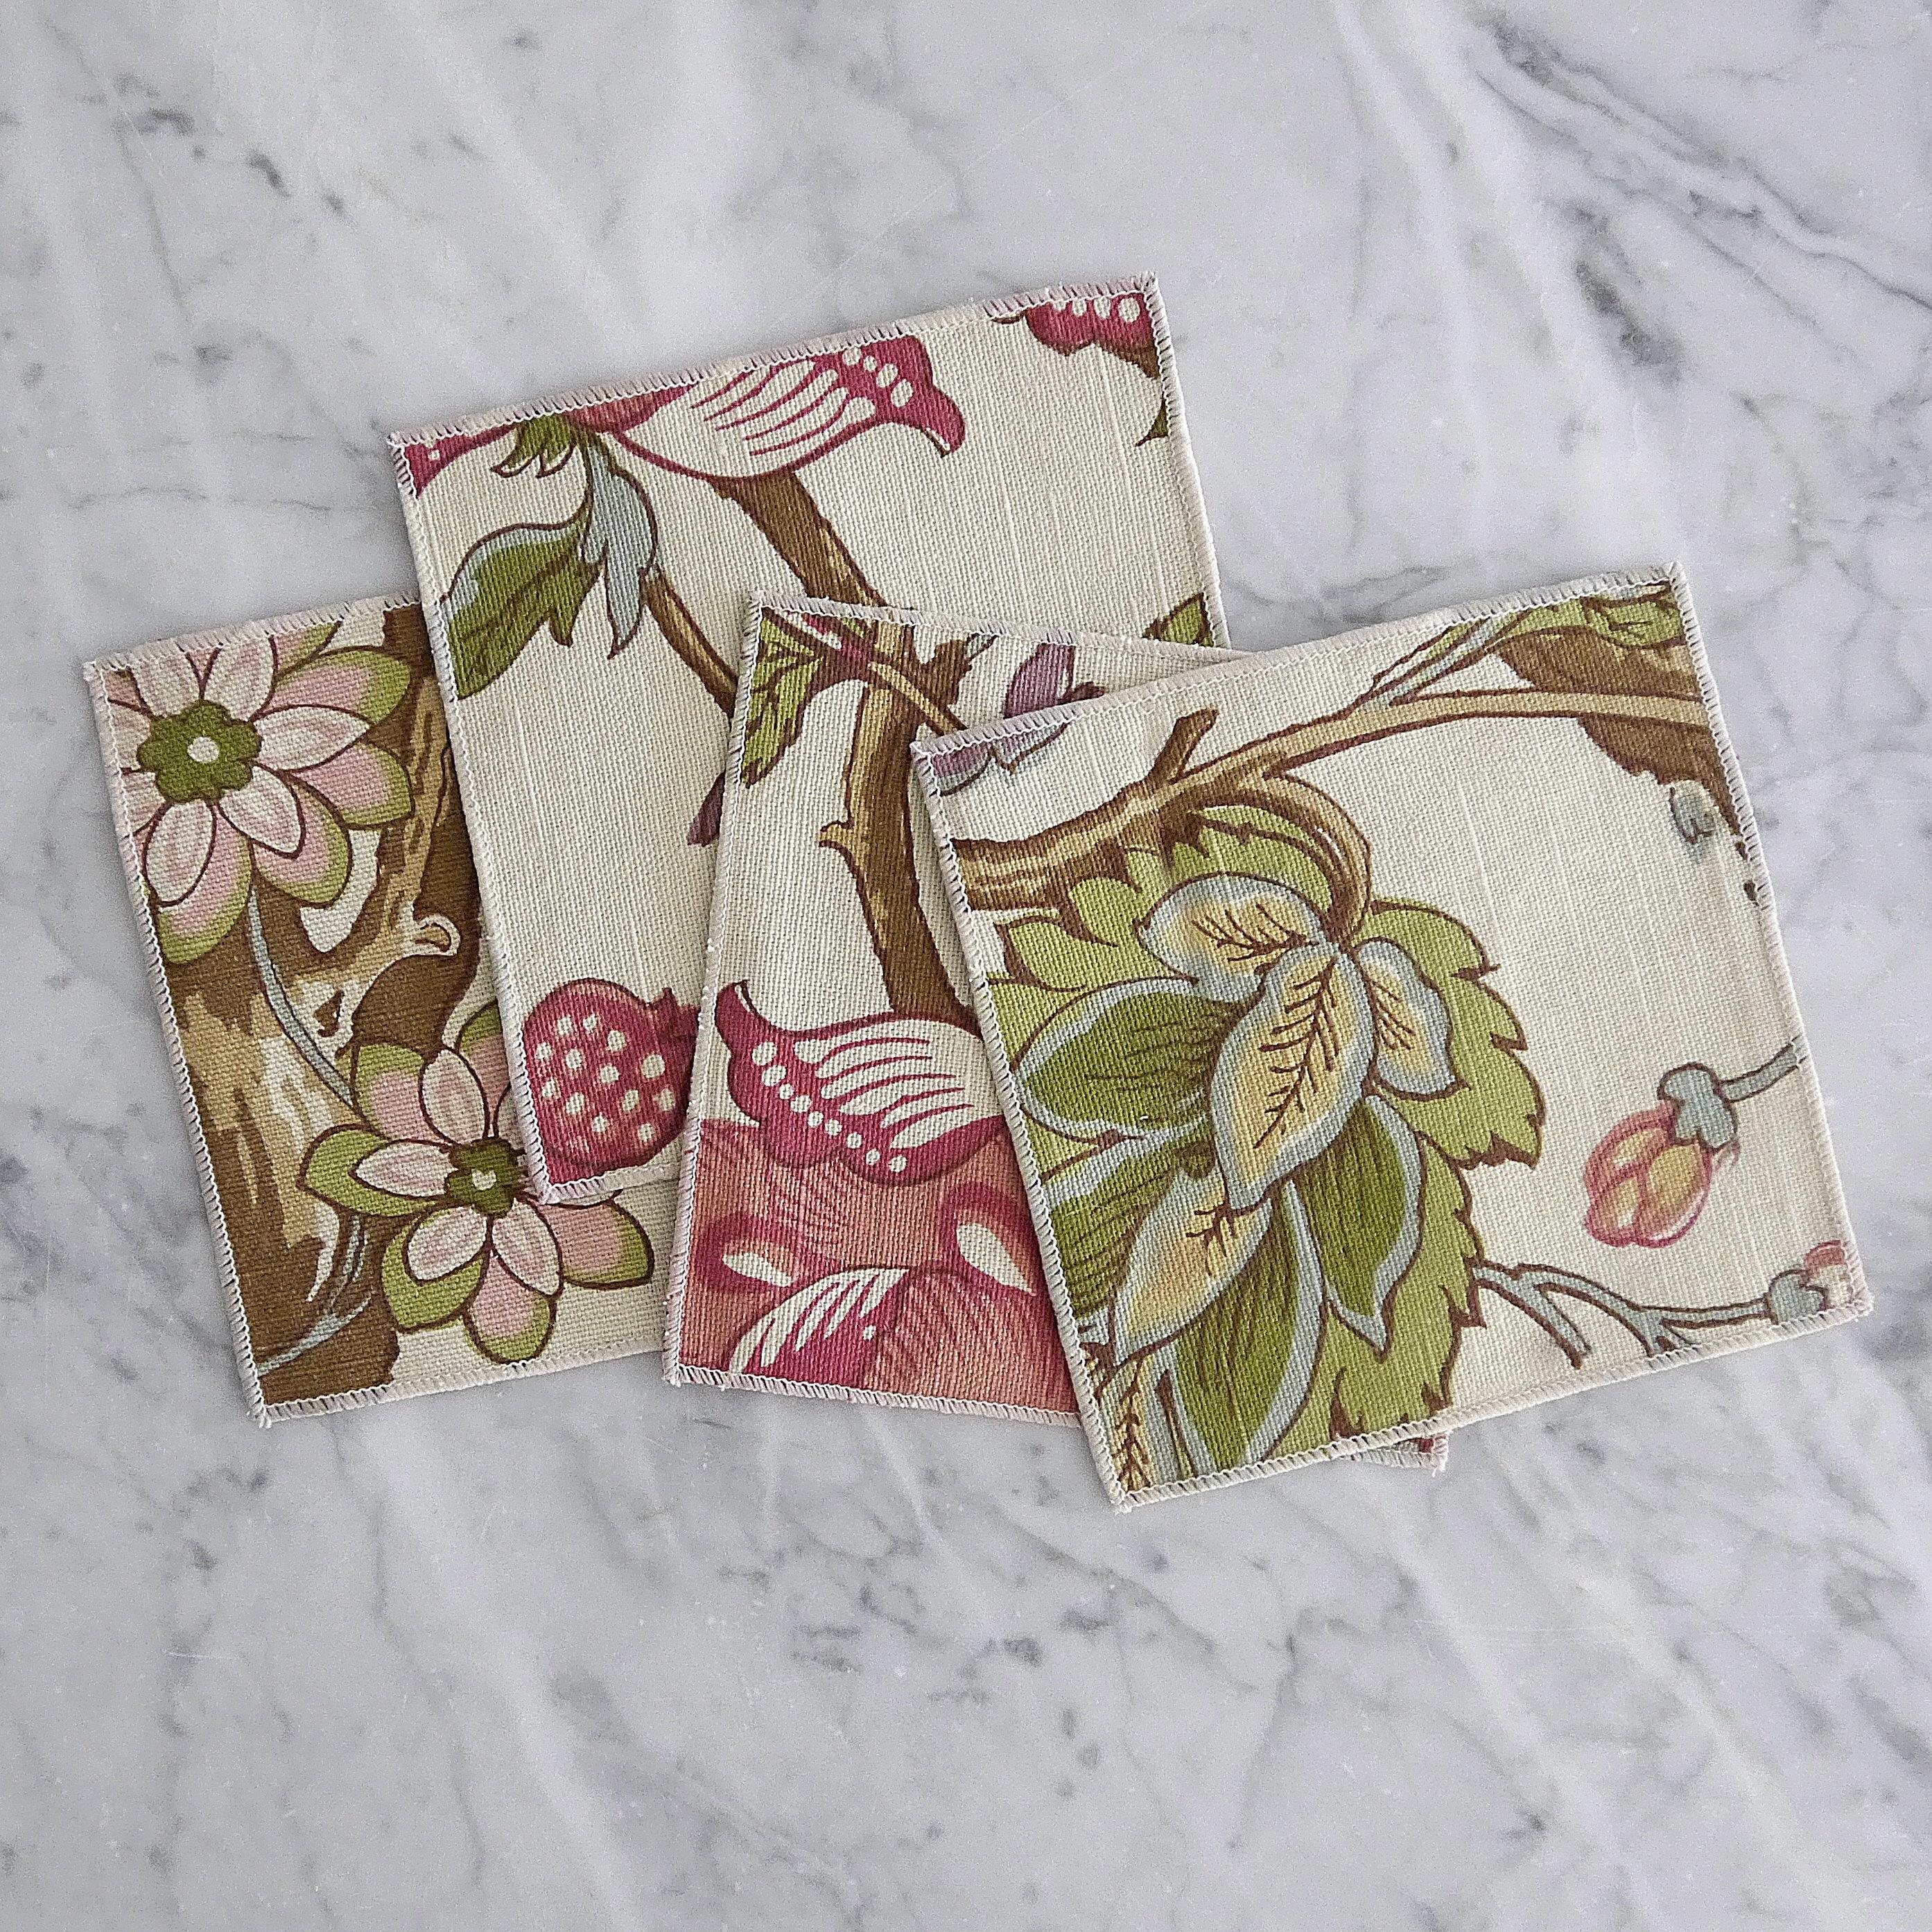 Patterned Cloth Napkins Cool Design Inspiration